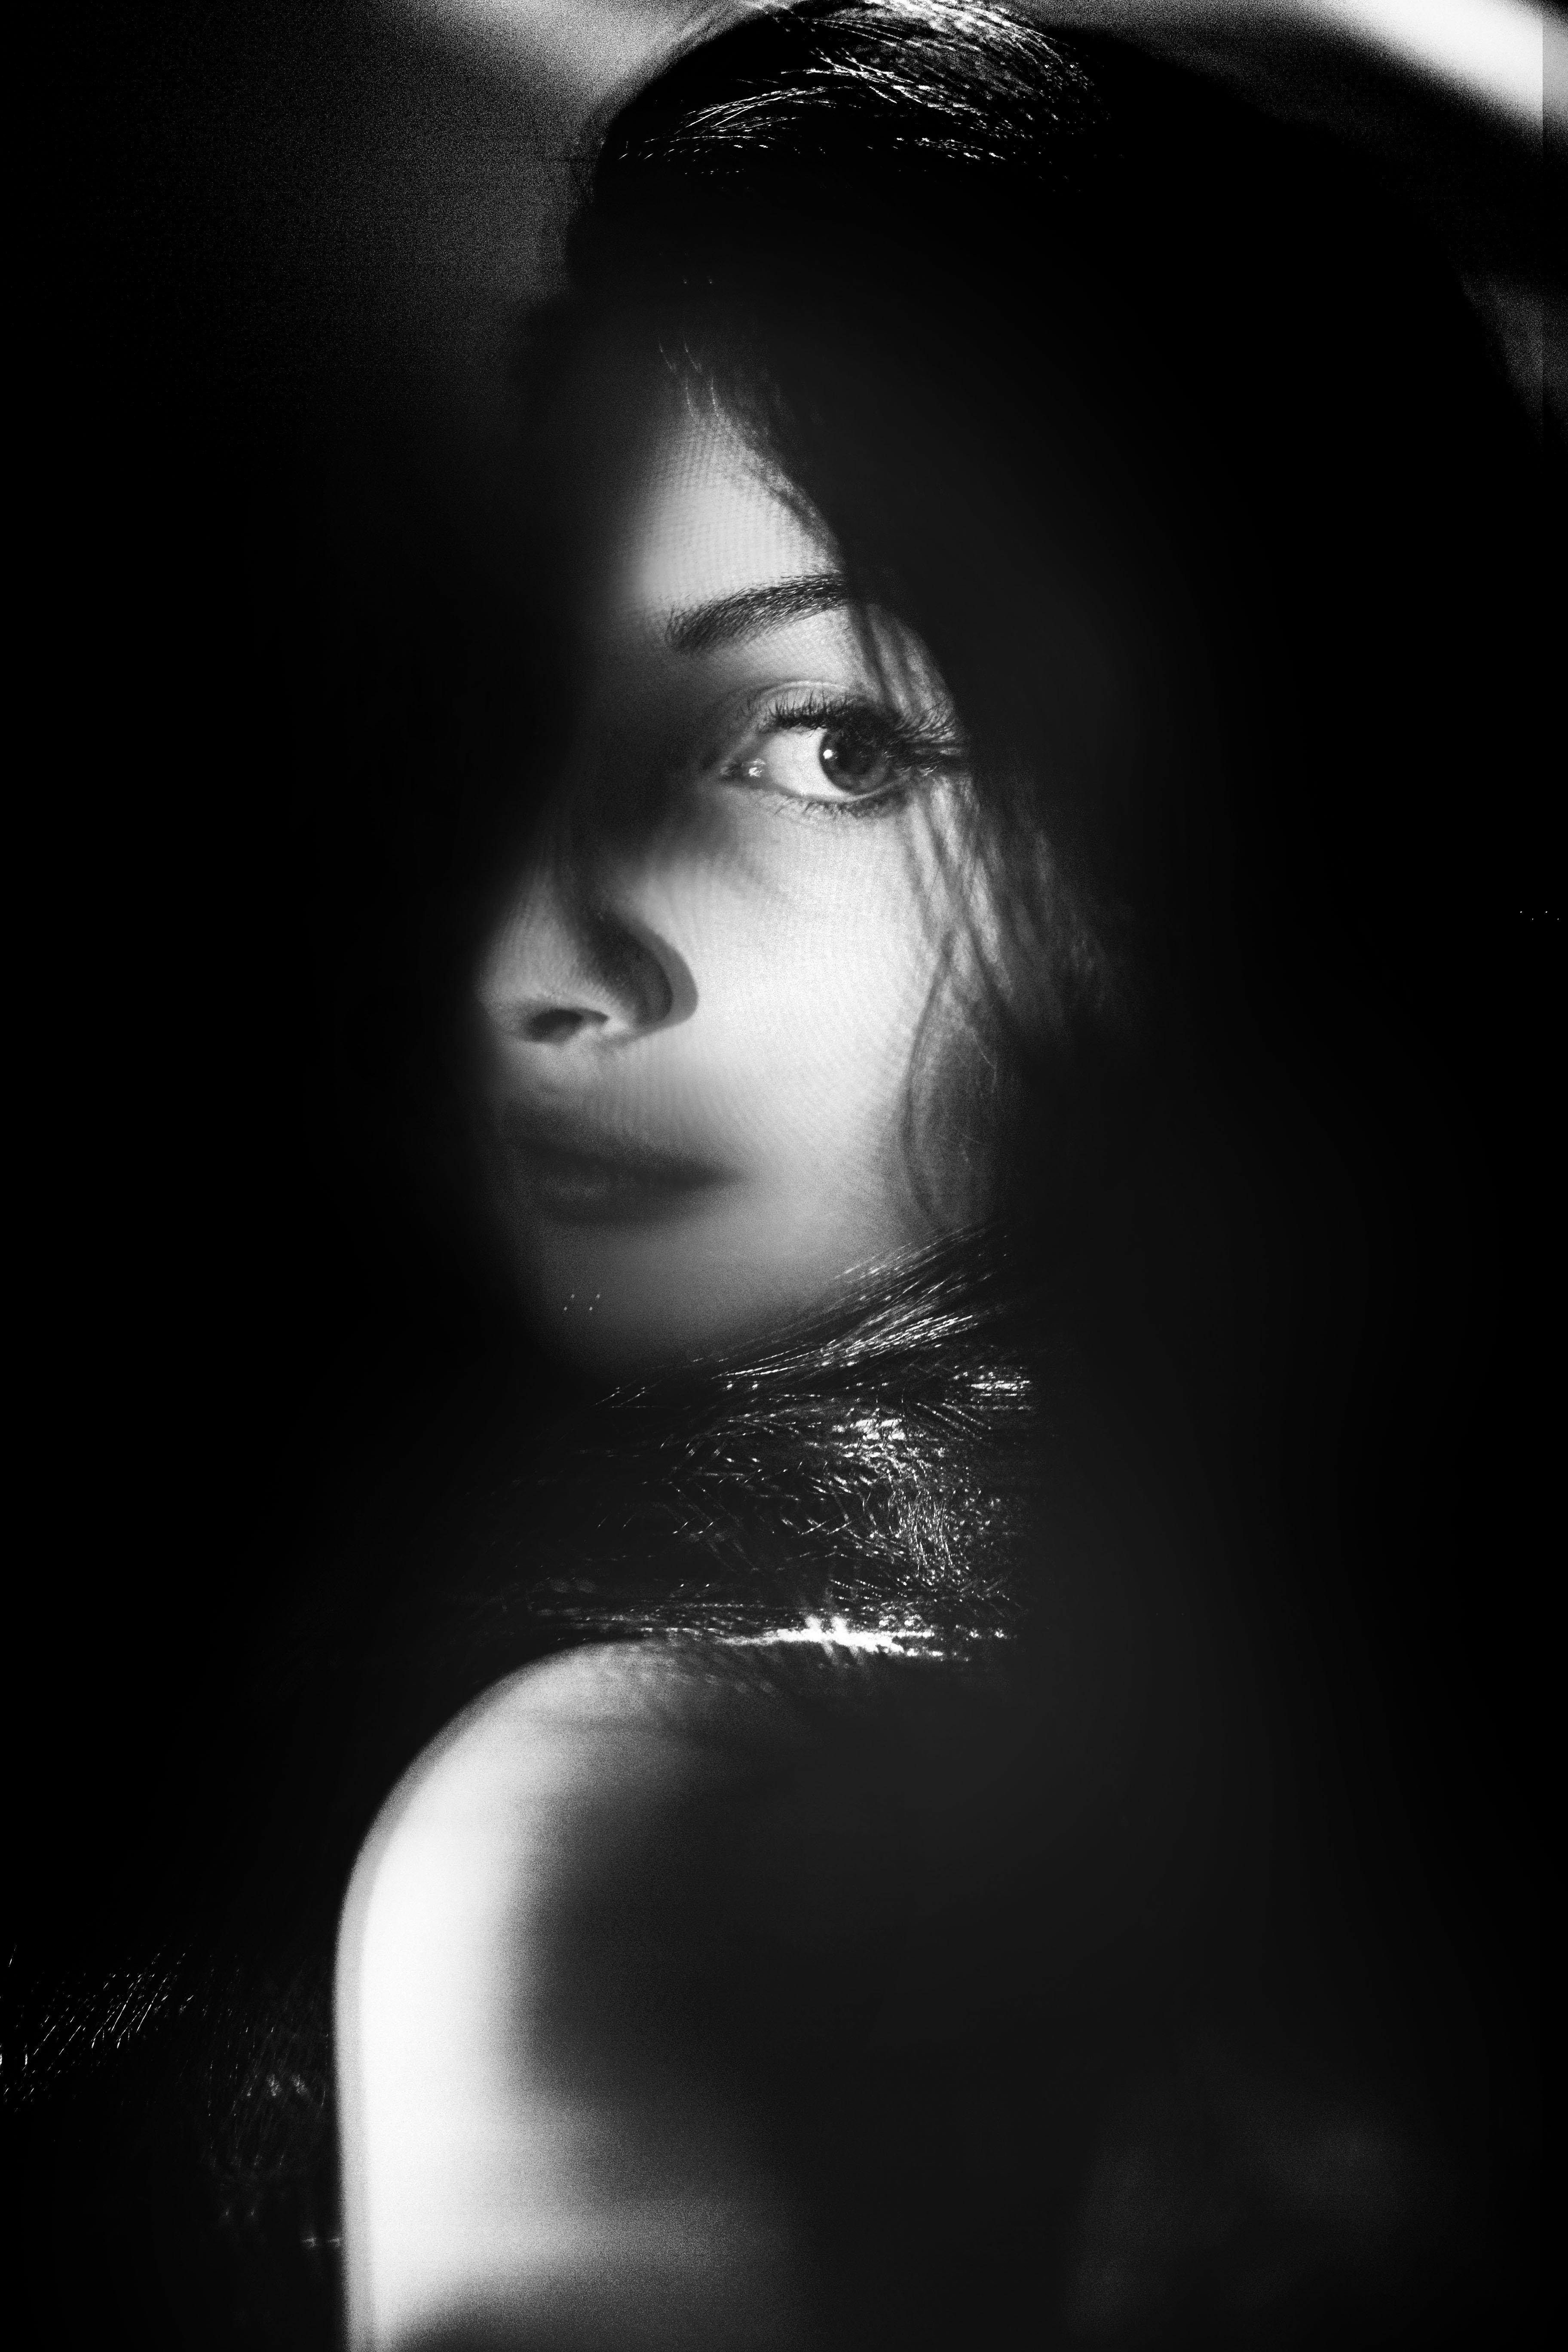 портрет,свет,тень,девушка, Budanova Mary